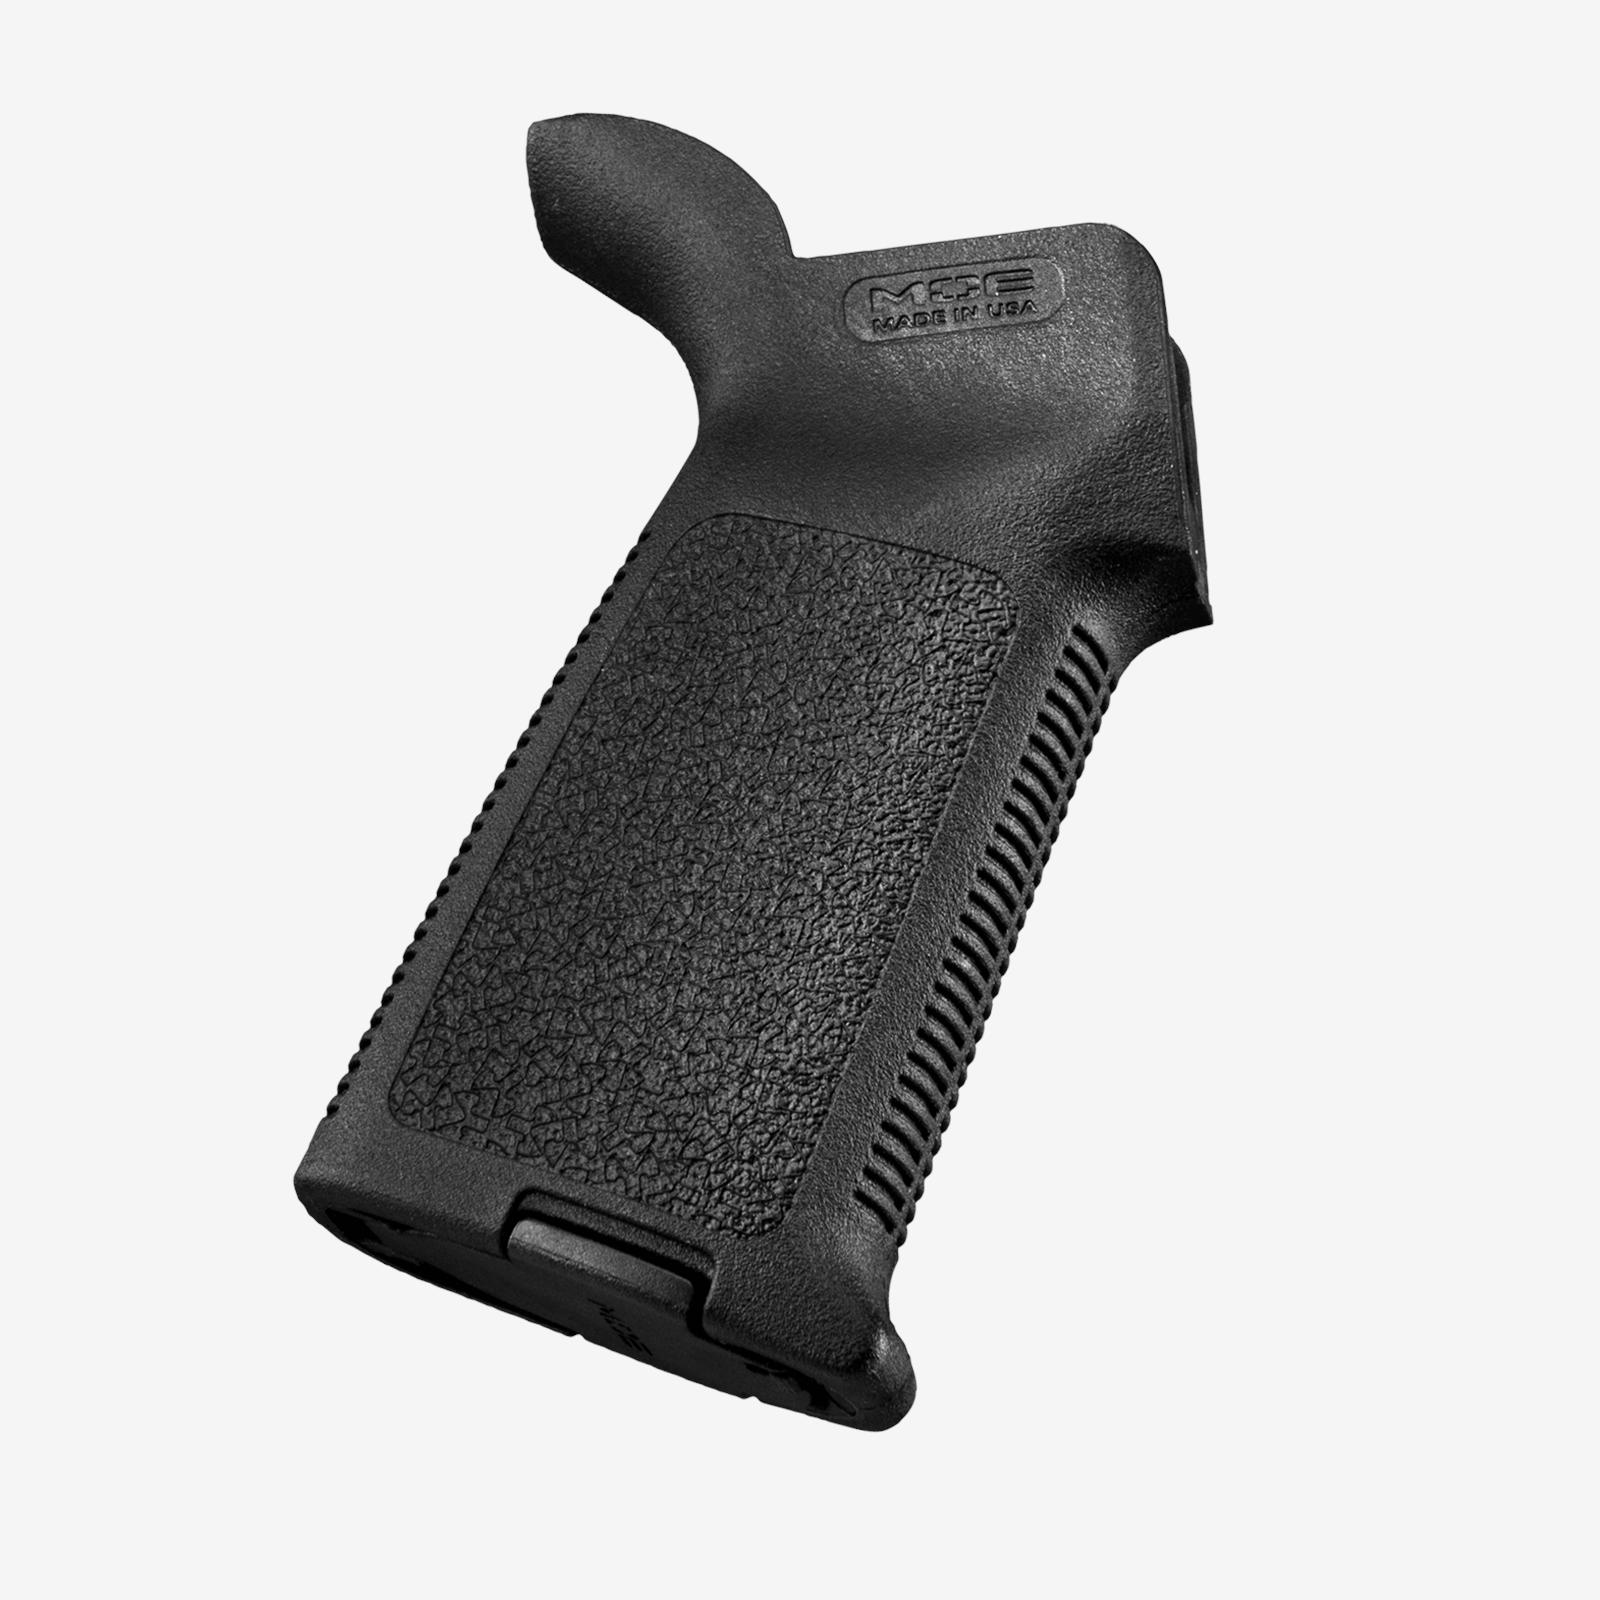 Пистолетная рукоятка MOE®Grip-AR15/M4